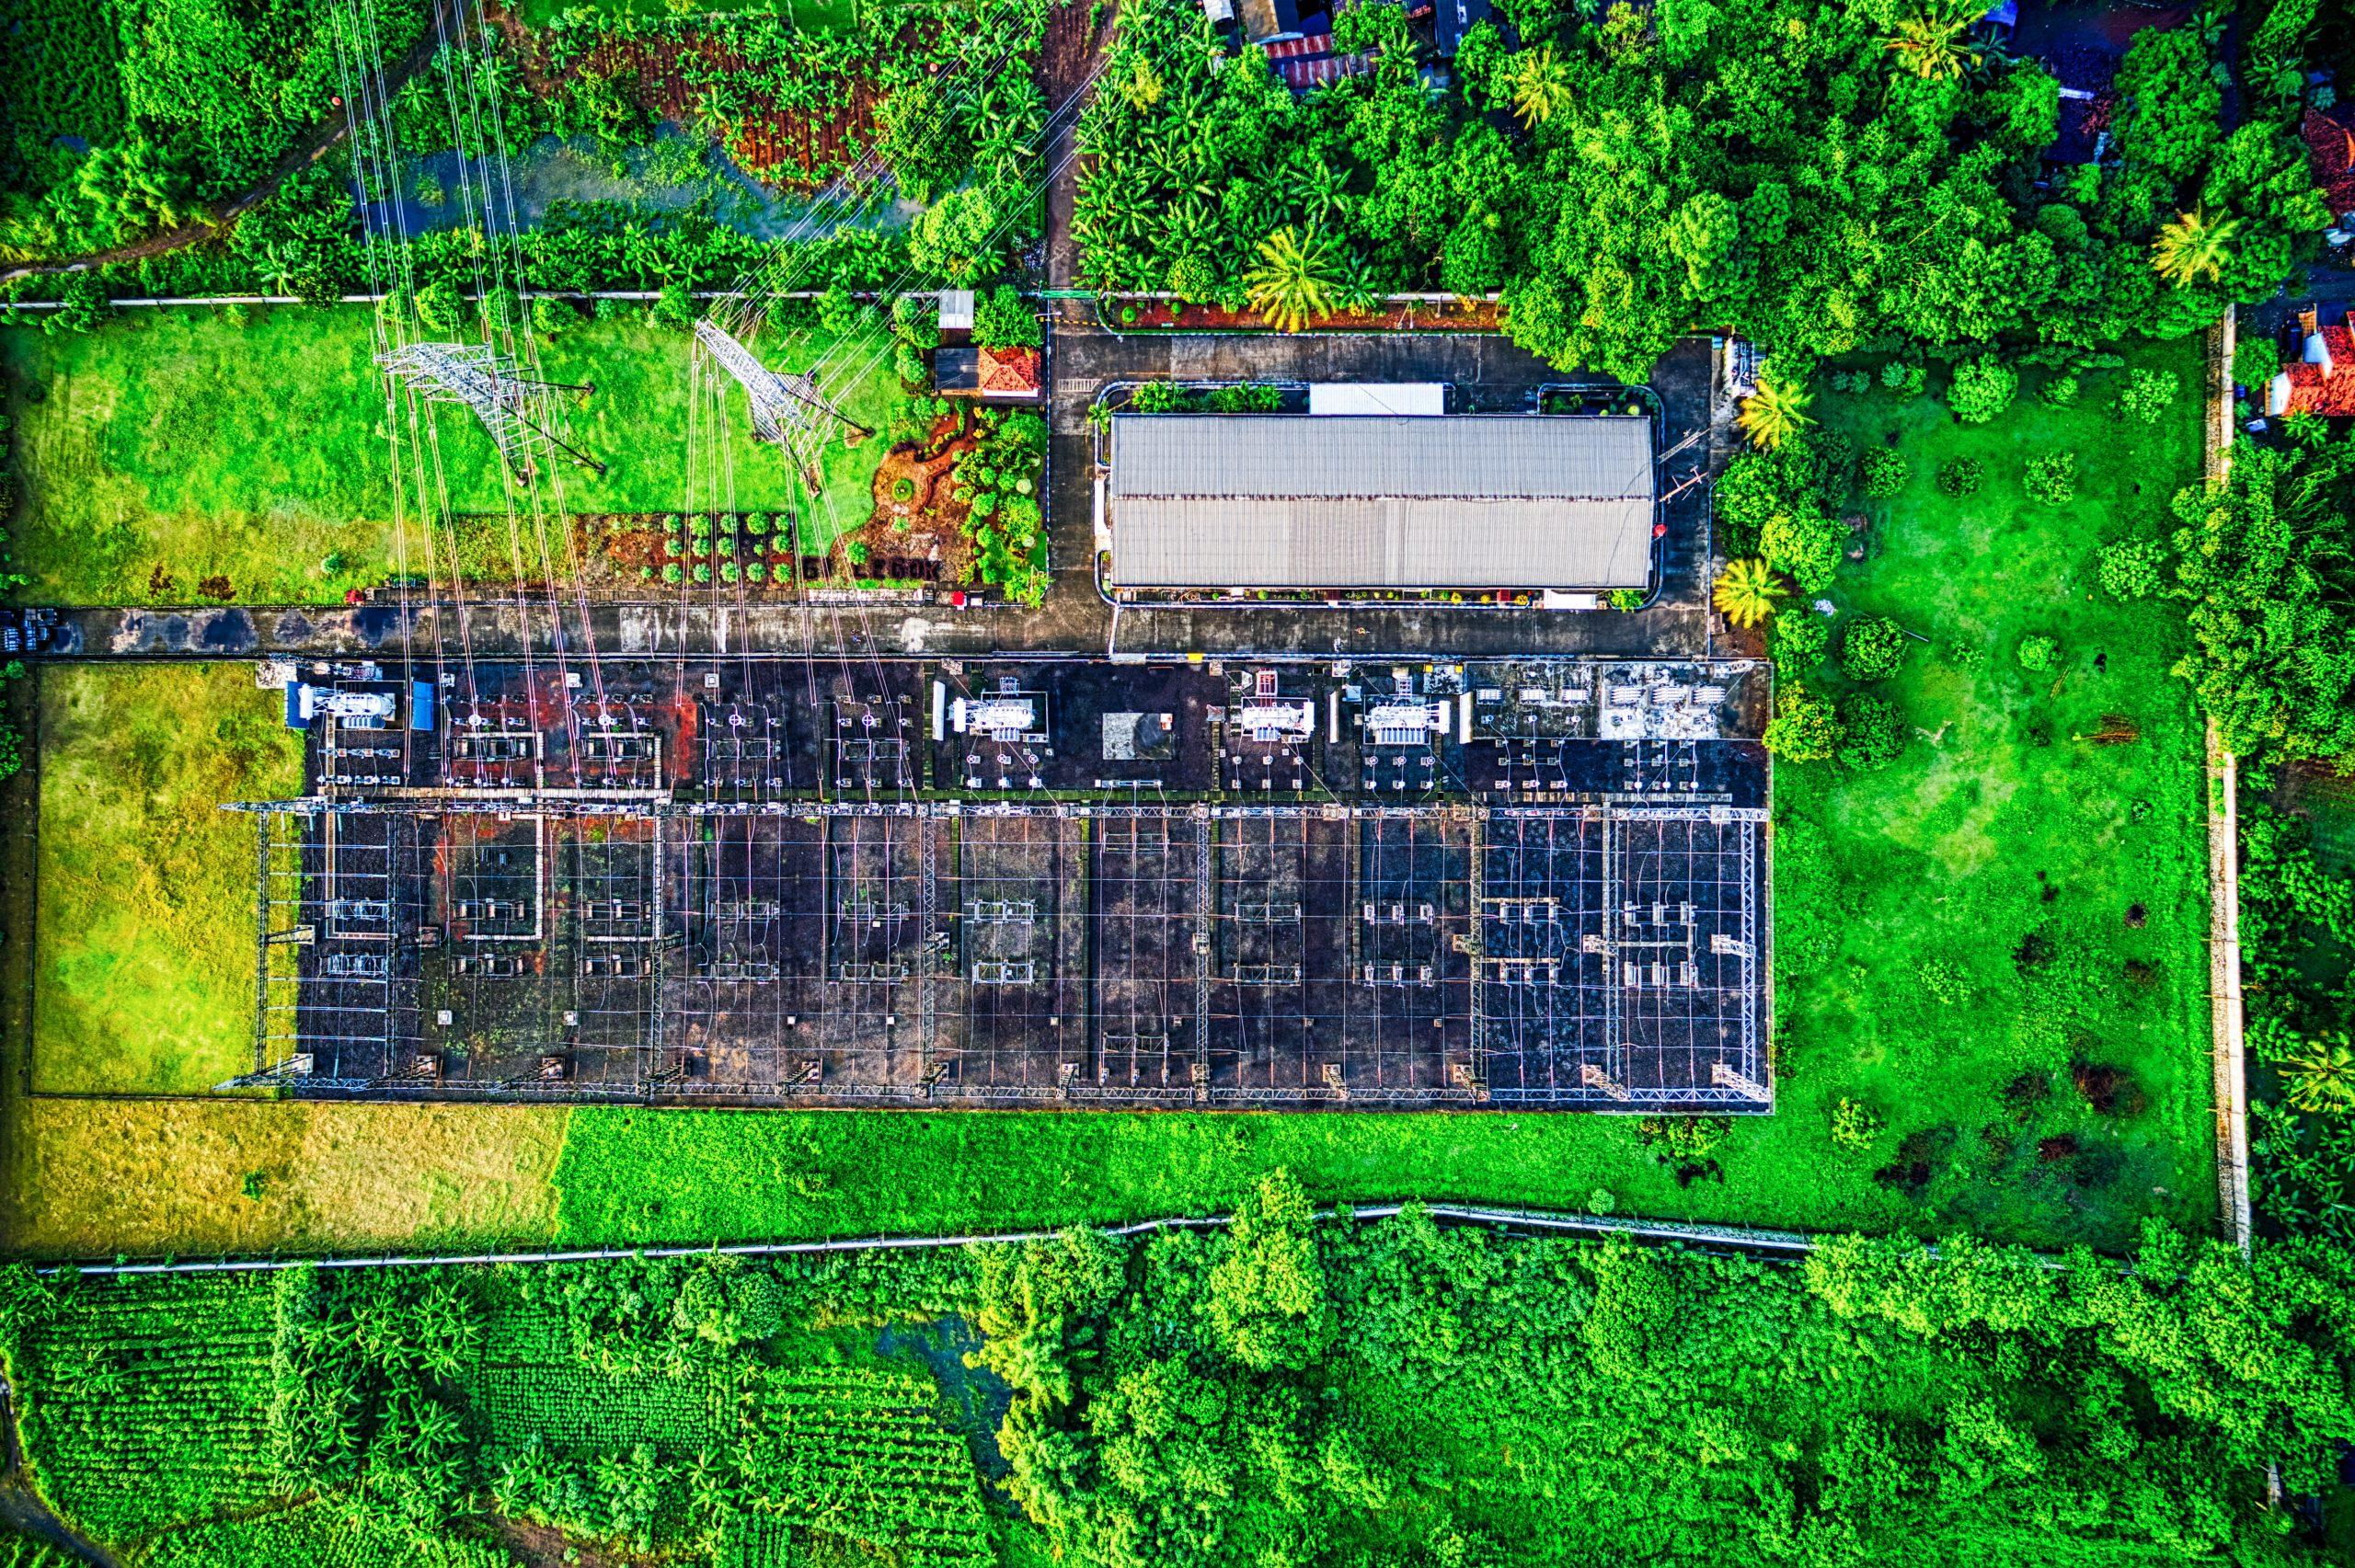 substation-3